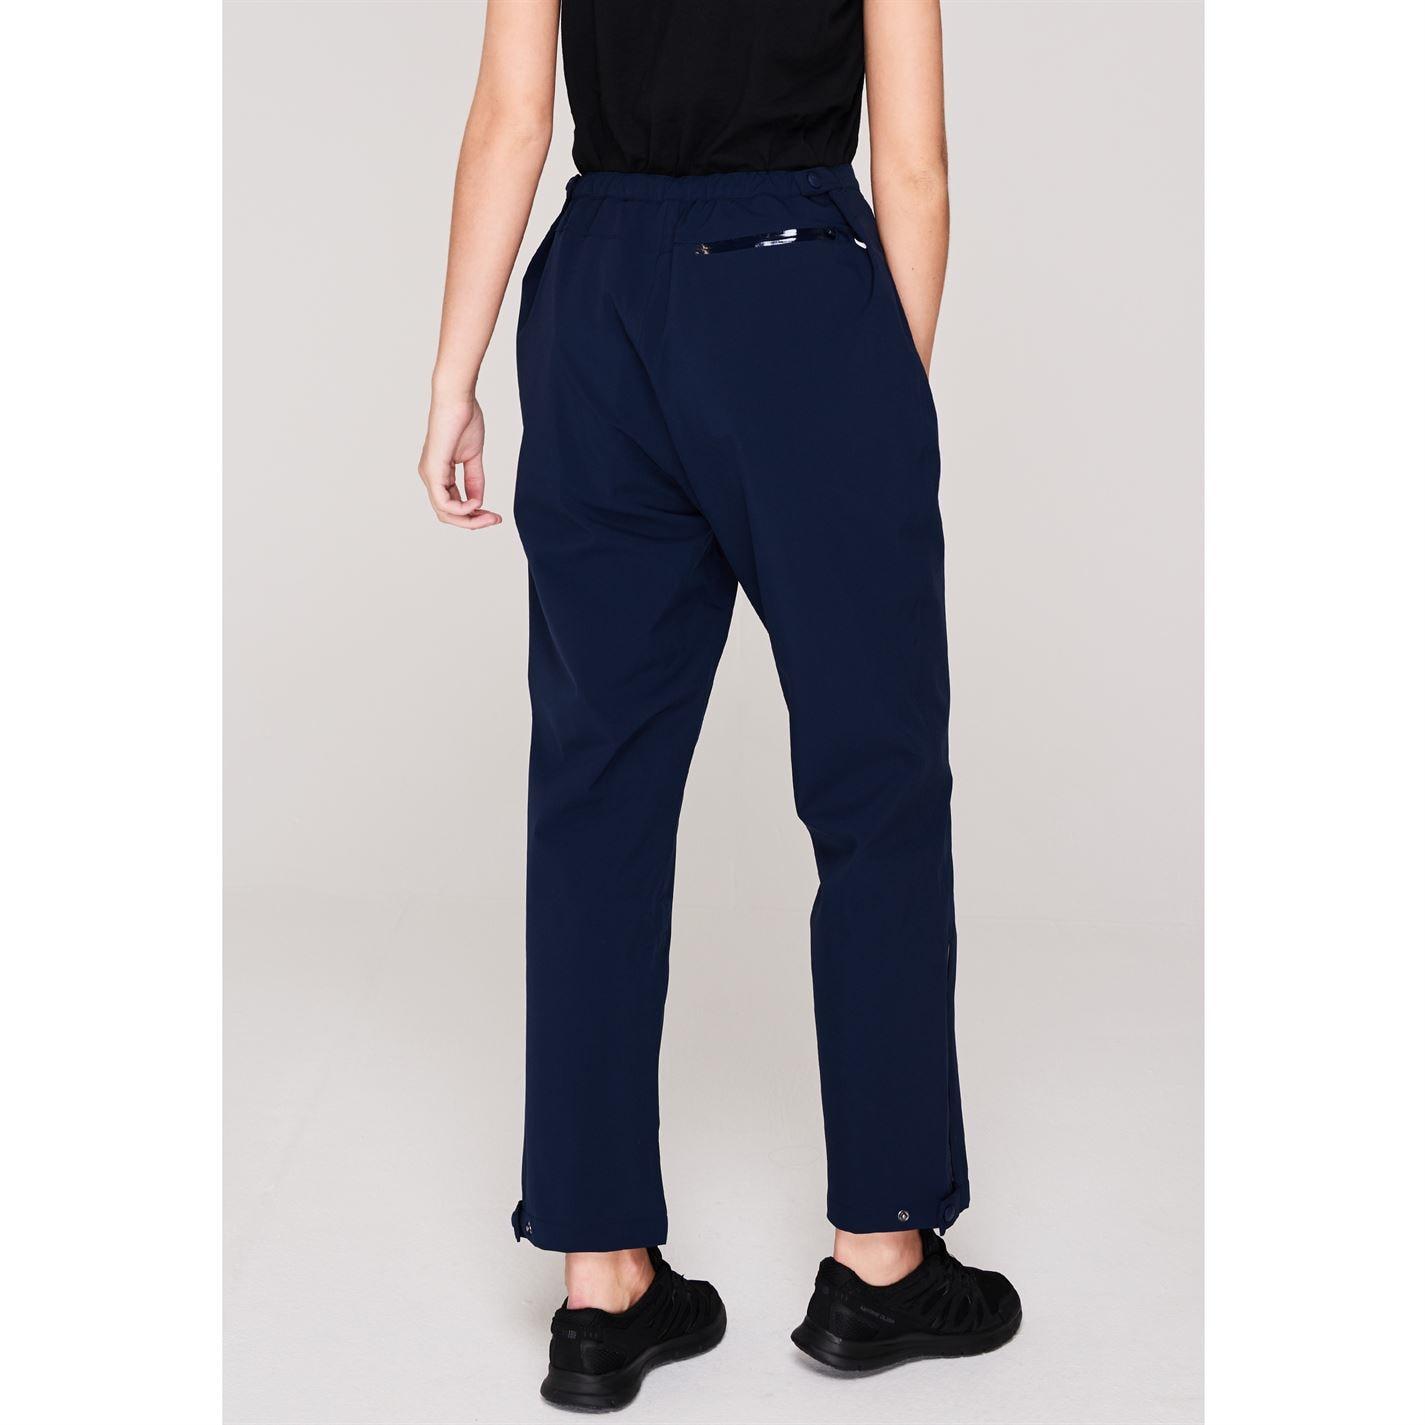 Pantaloni Callaway 3.0 impermeabil pentru Femei albastru